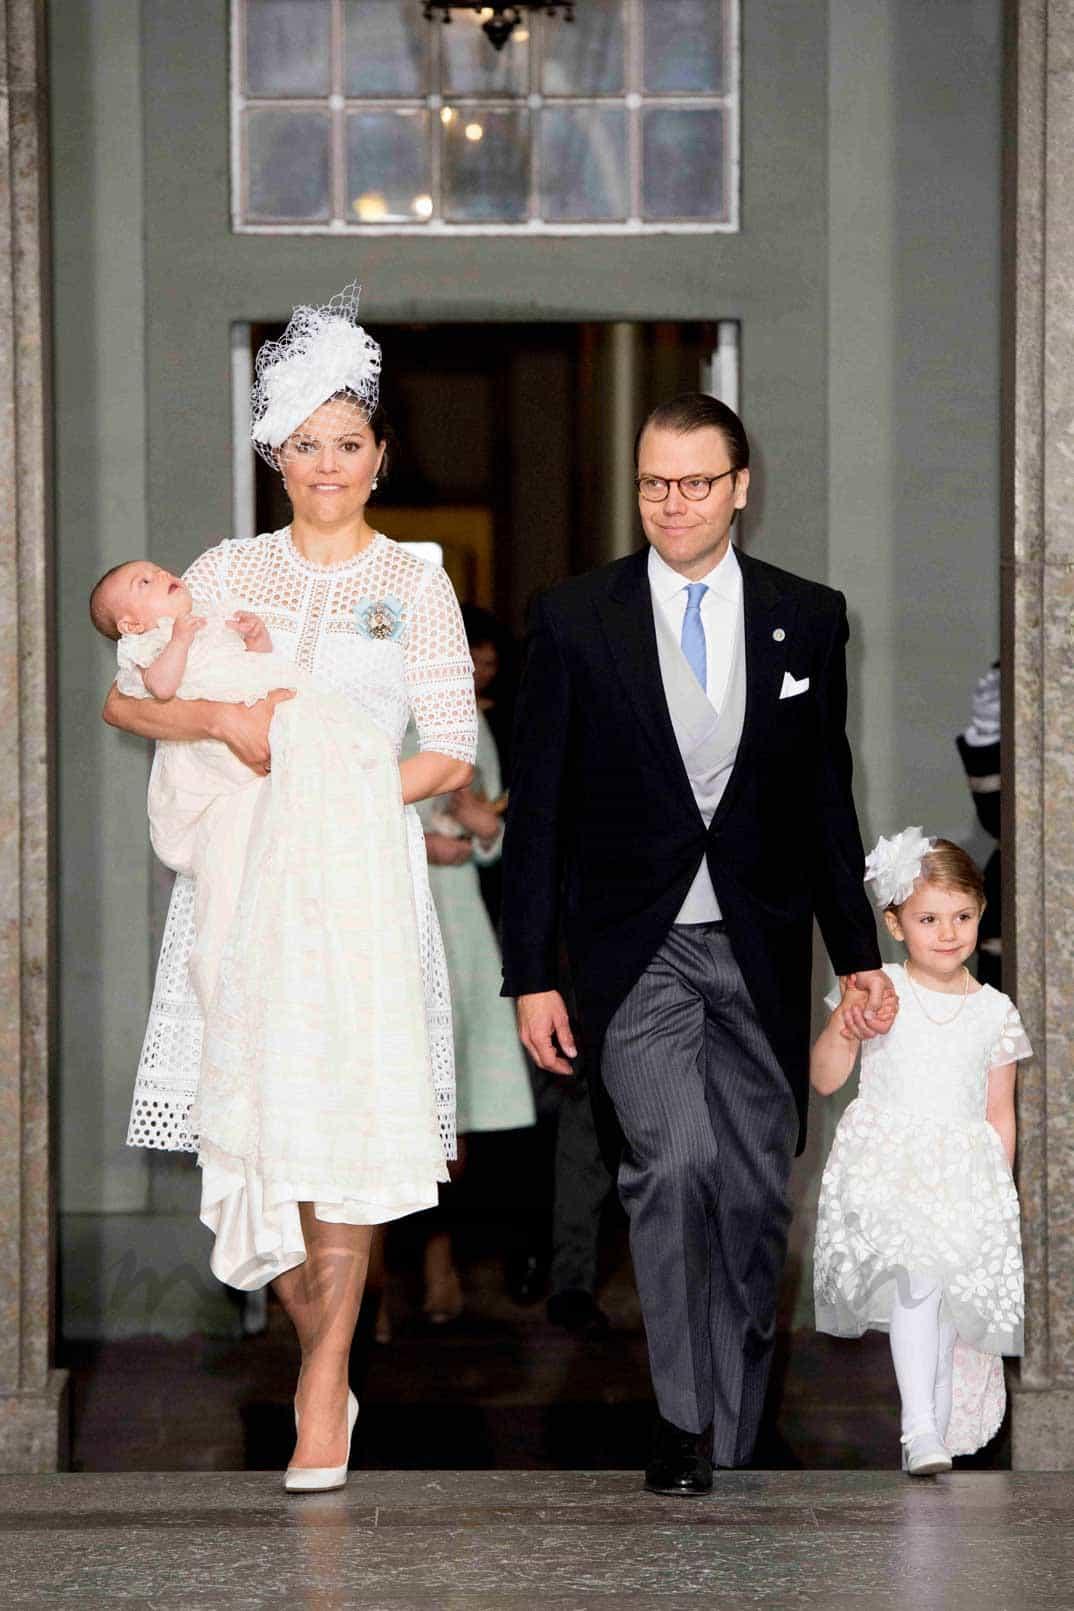 Princesa Victoria de Suecia con el príncipe Óscar, el príncipe Daniel y la princesa Stelle